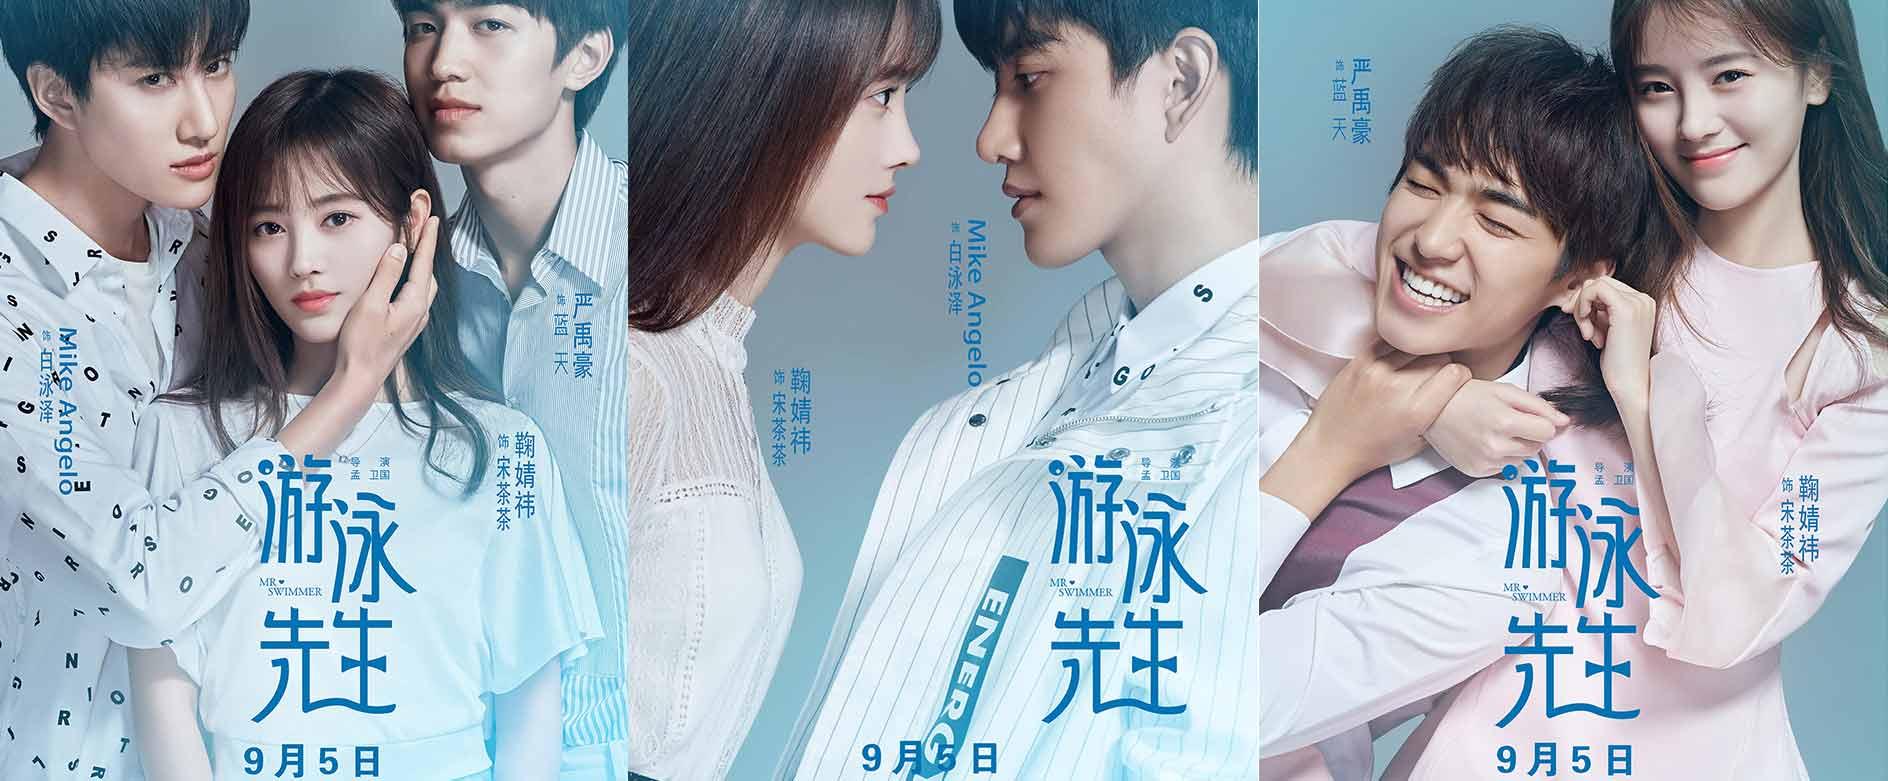 鞠婧祎《游泳先生》定档9月5日